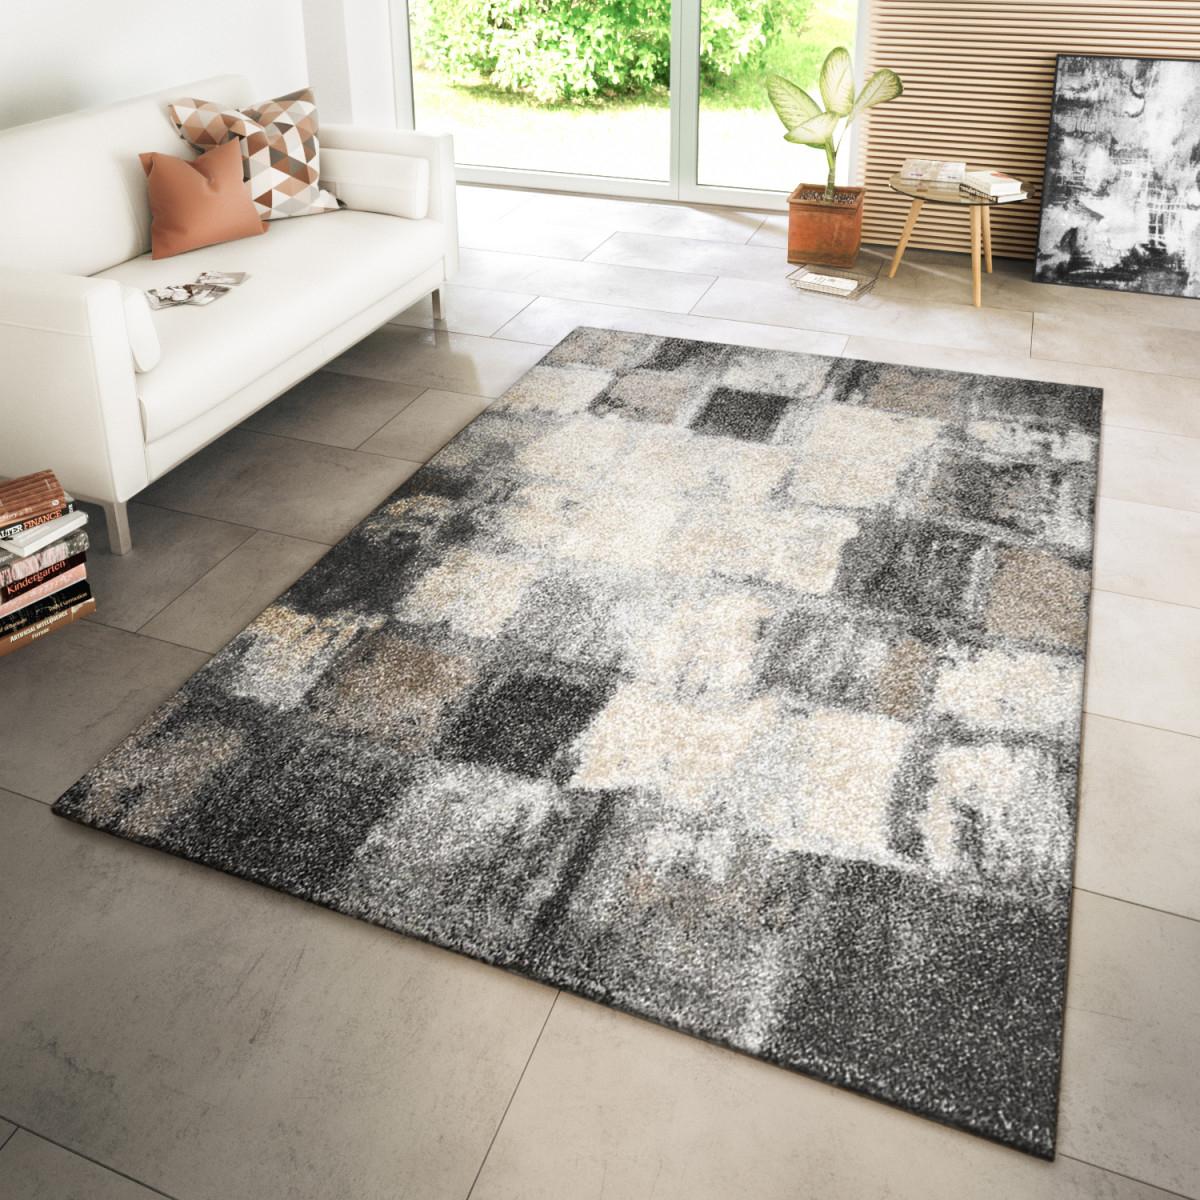 Wohnzimmer Teppich Modern Kupfer Grau von Teppich Modern Wohnzimmer Photo